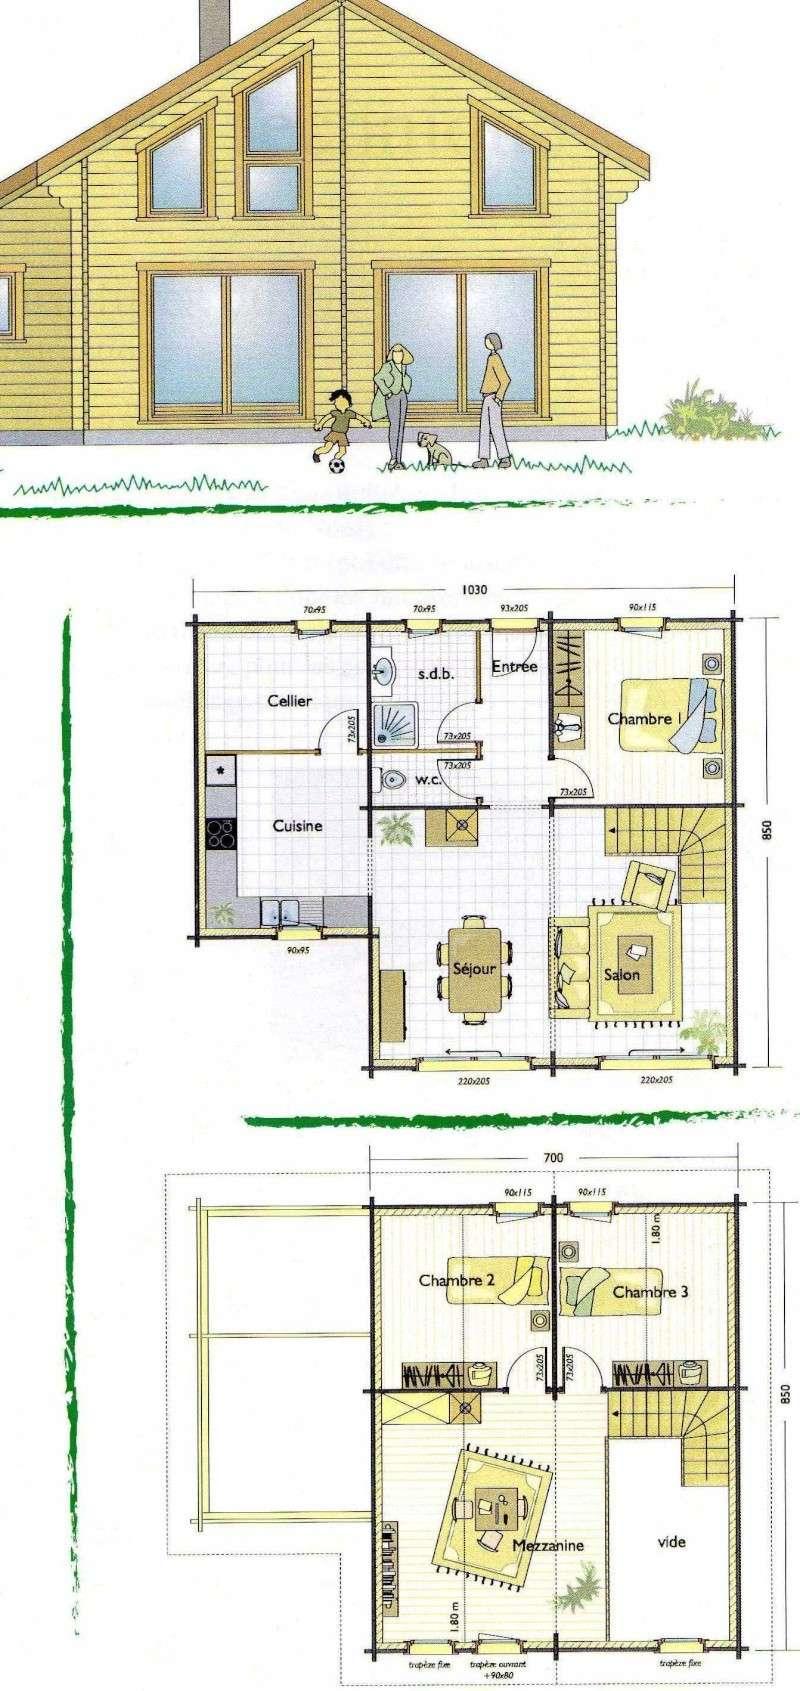 construction dans le pas de calais. Black Bedroom Furniture Sets. Home Design Ideas